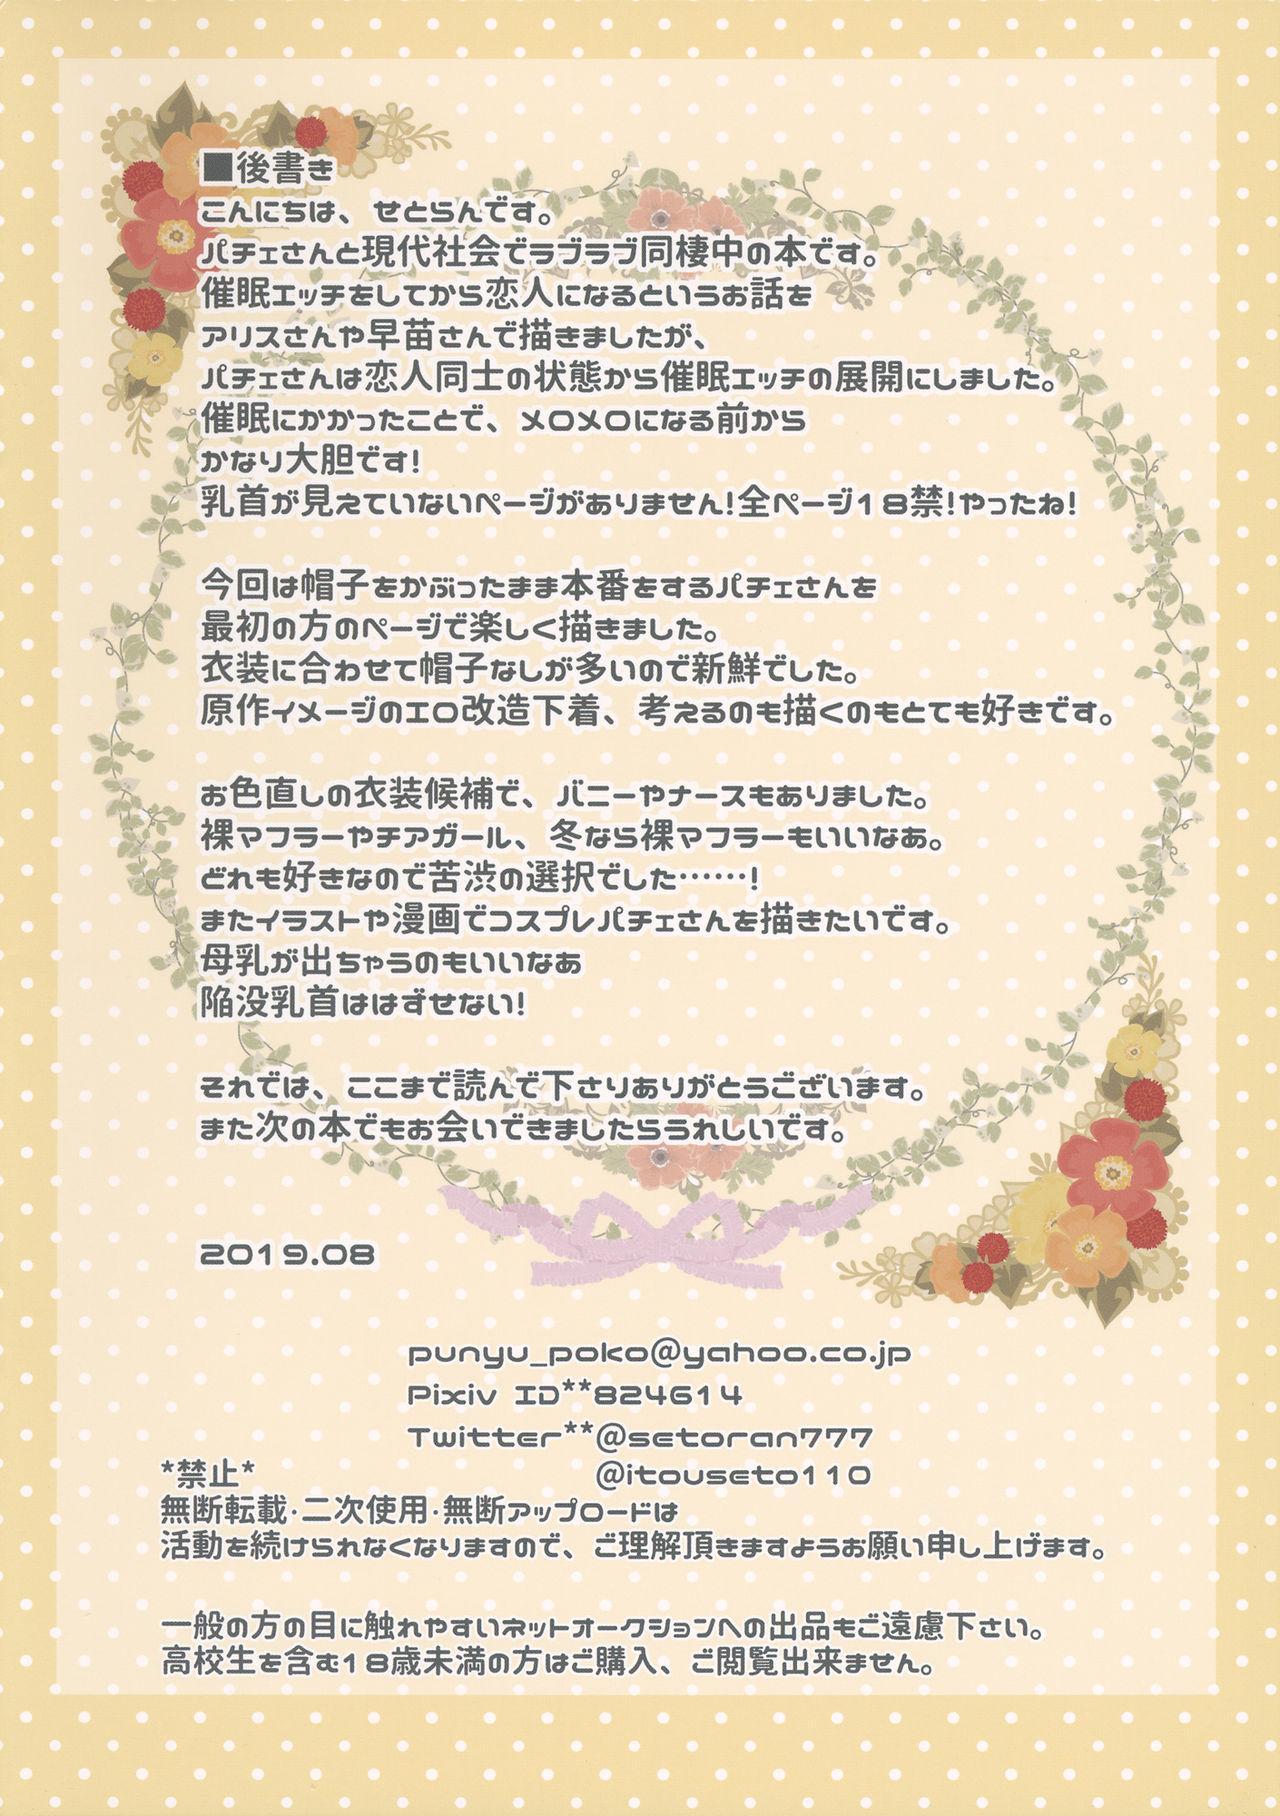 Patche-san to Icha Love Dousei Seikatsu 13